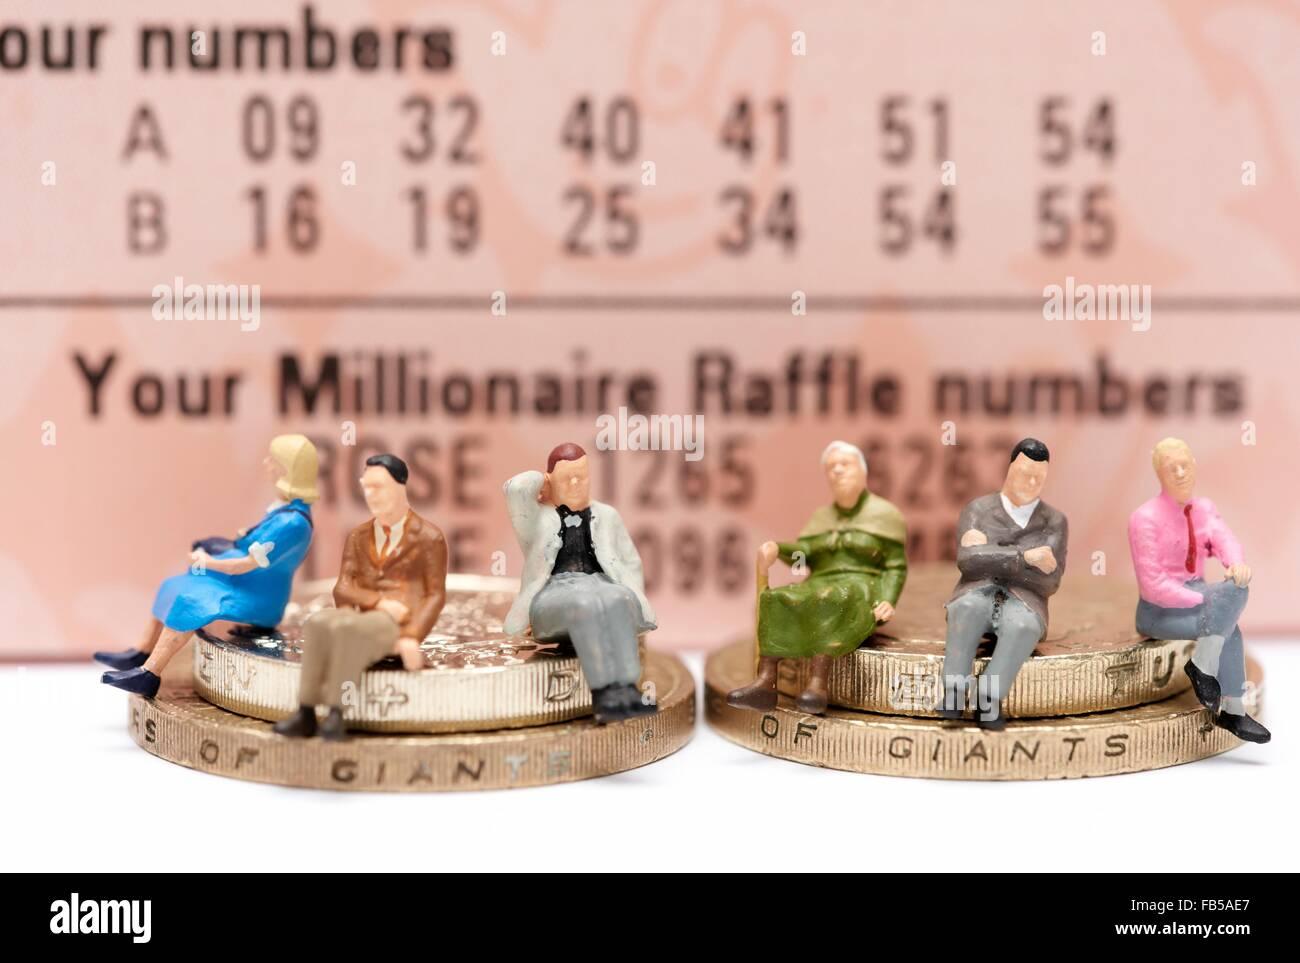 Millionaire Raffle Stock Photos & Millionaire Raffle Stock Images